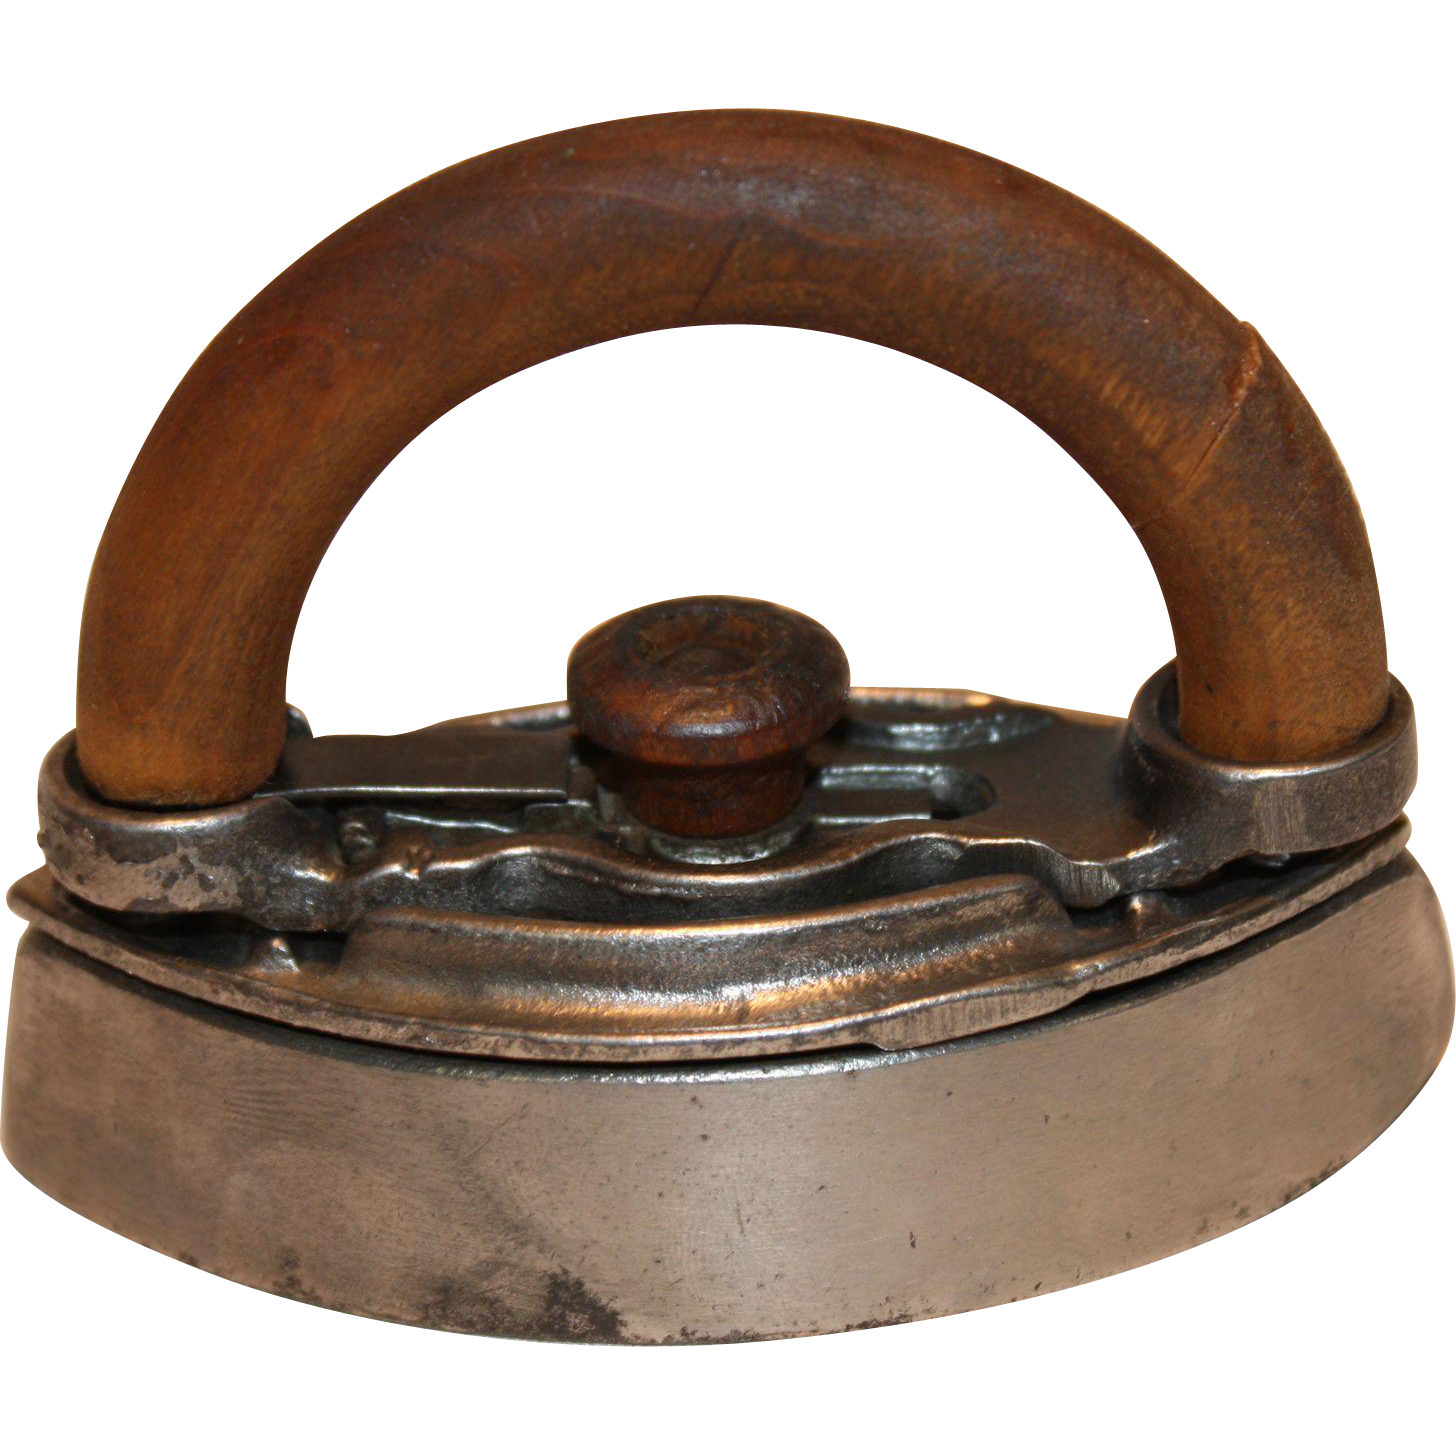 """Small Sad Iron 3 3/4"""" long  1800-1900's  Mary Potts's Style"""